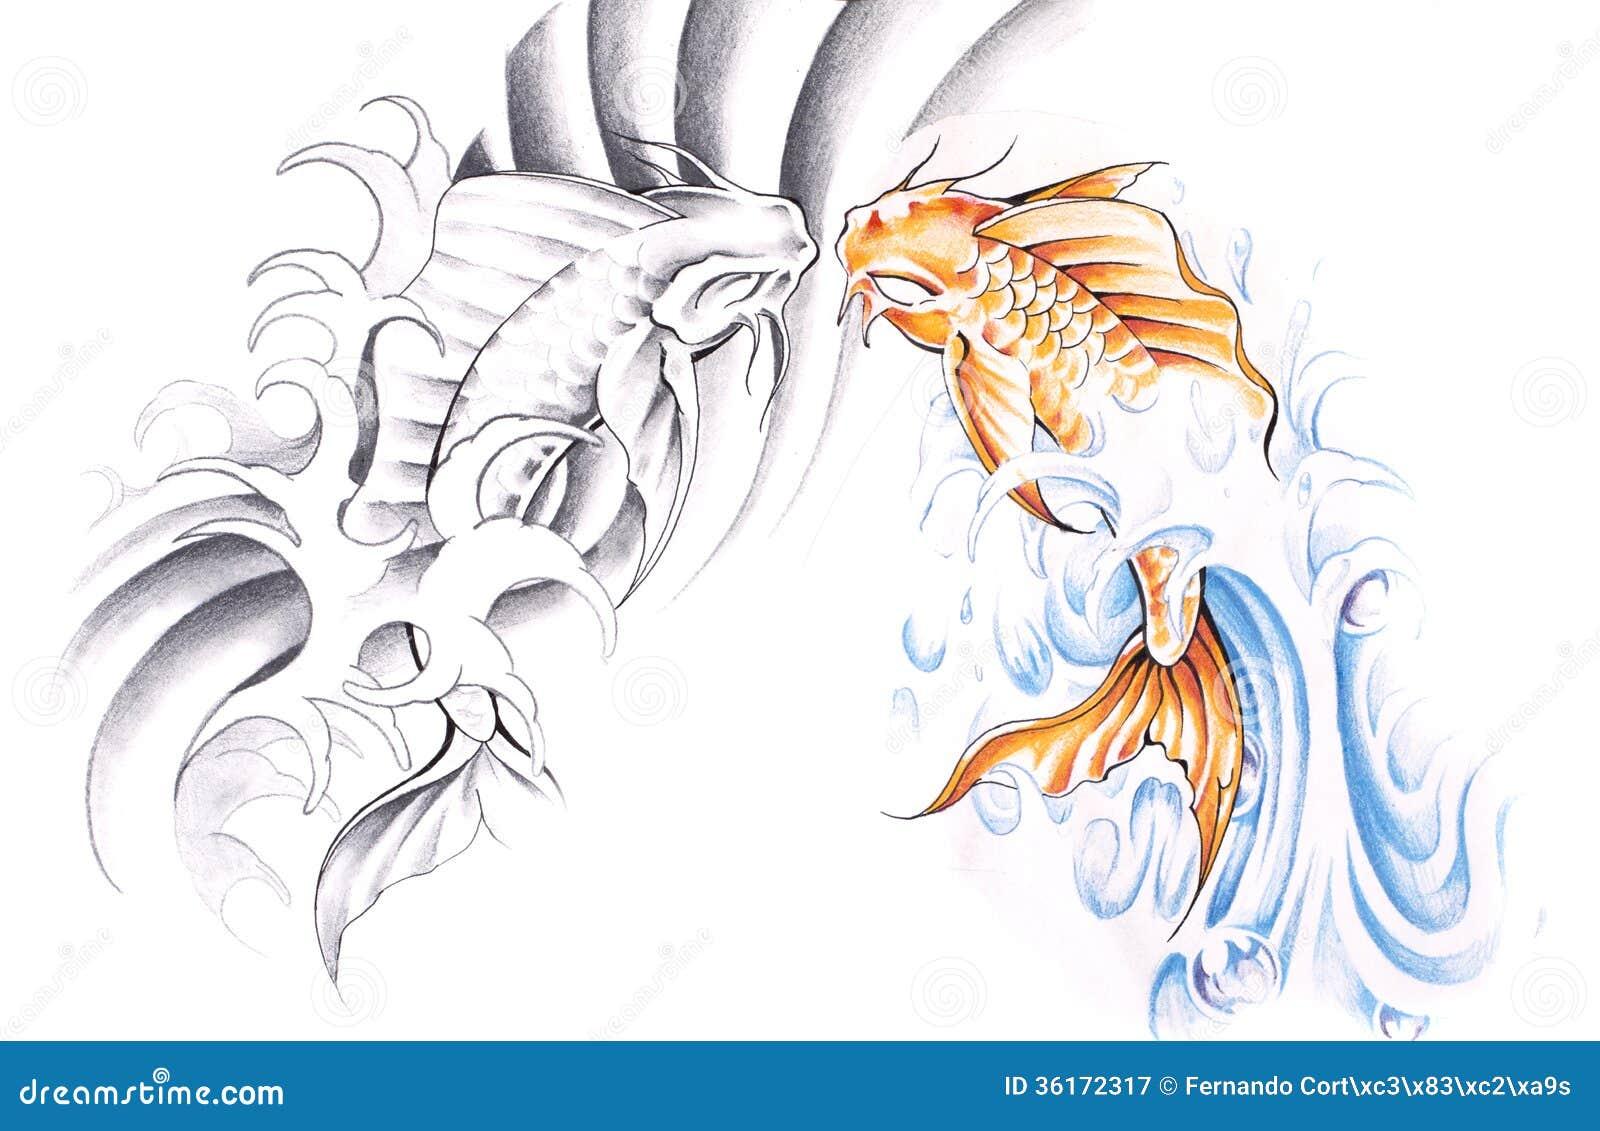 Croquis d 39 art de tatouage poisson rouge illustration - Croquis poisson ...